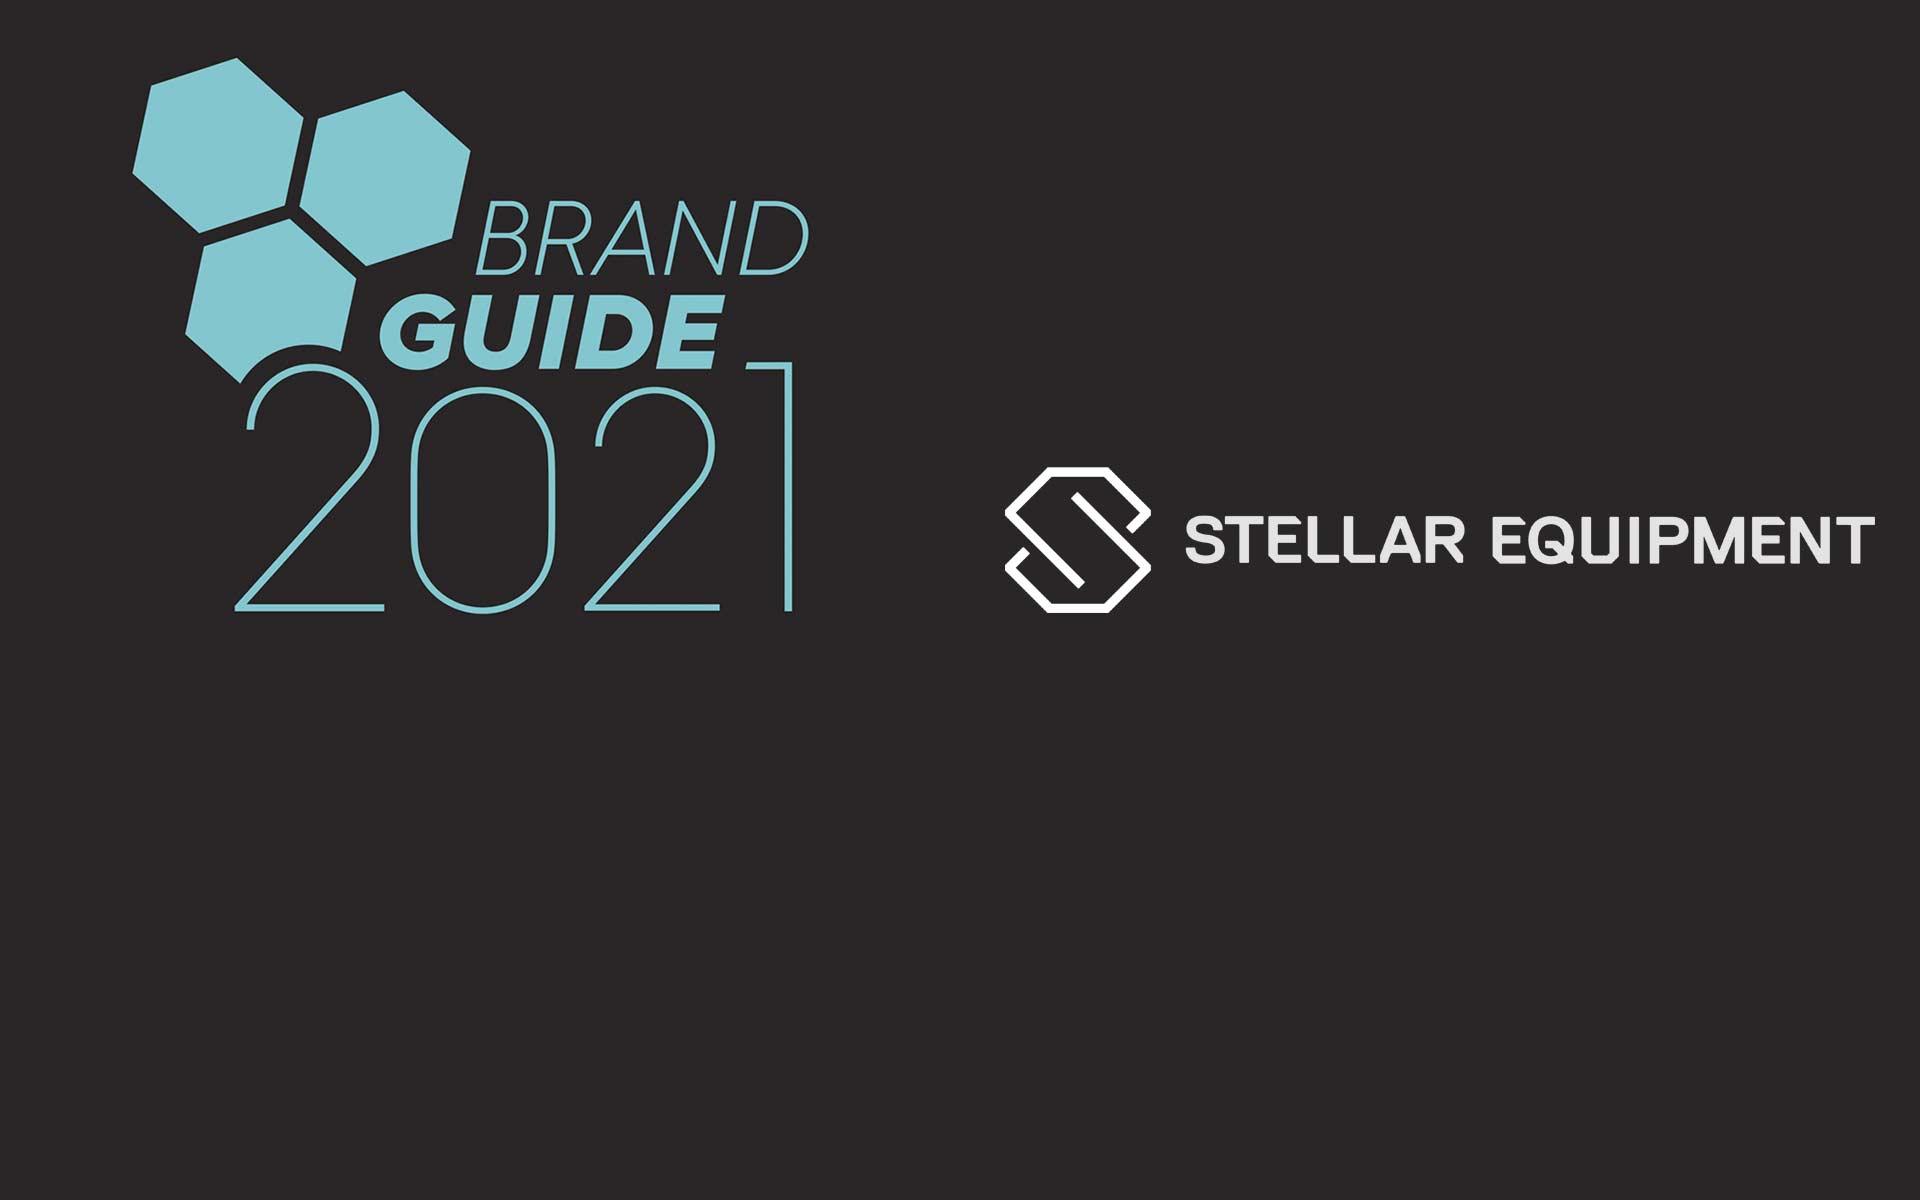 Stellar Equipment: Mit neuen Produkten erfolgreich durch die Krise (2021)